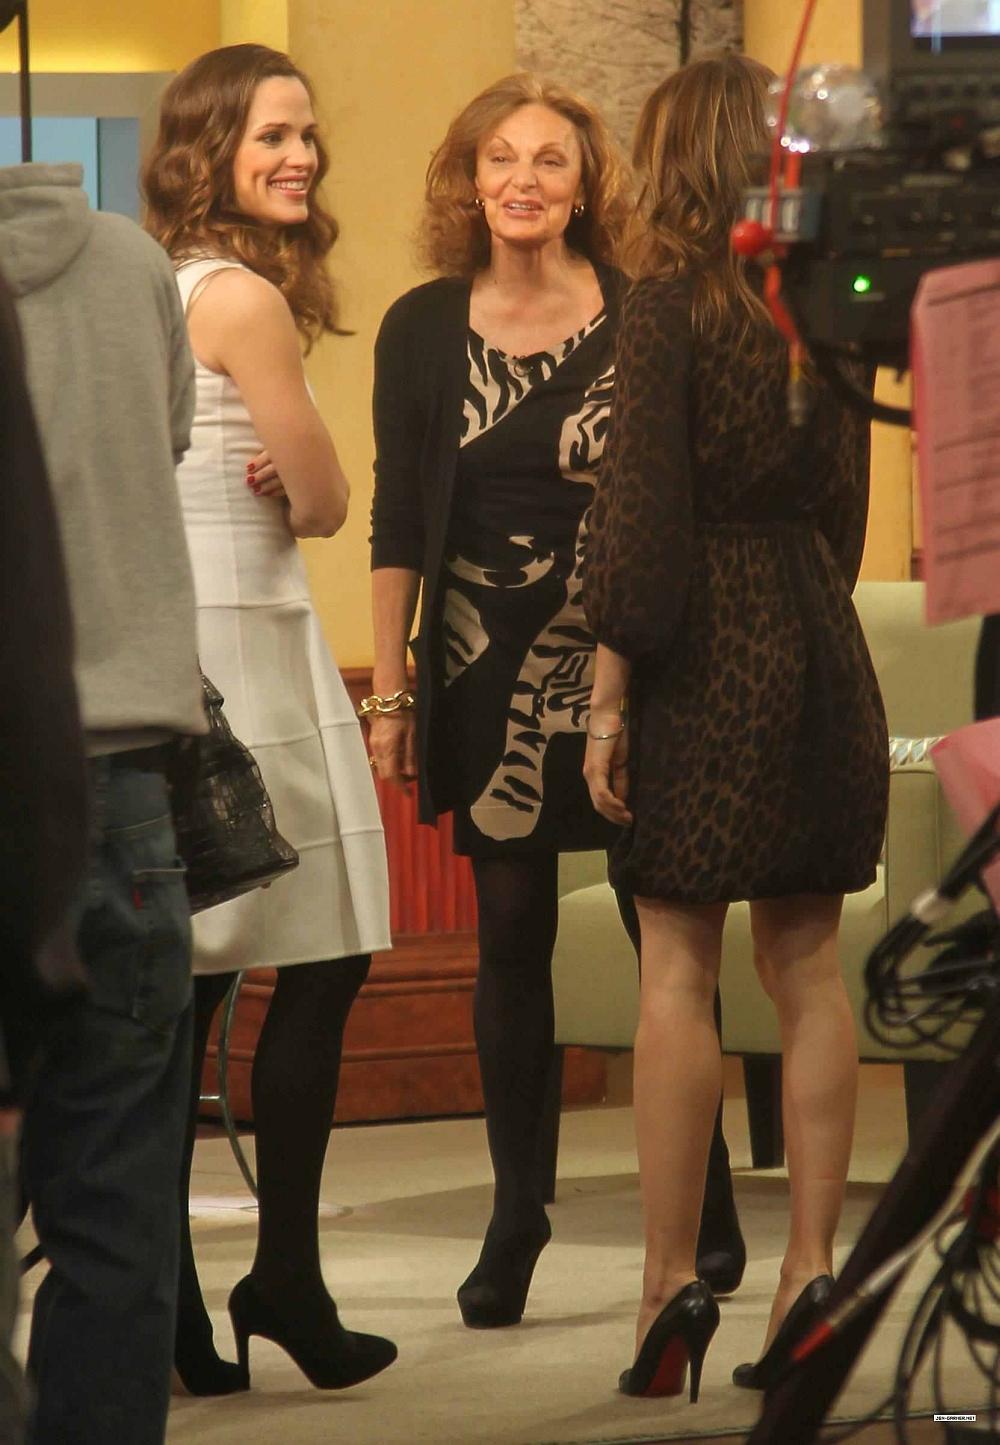 Jessica Biel in a Short Skirt and High Heels Pinterest